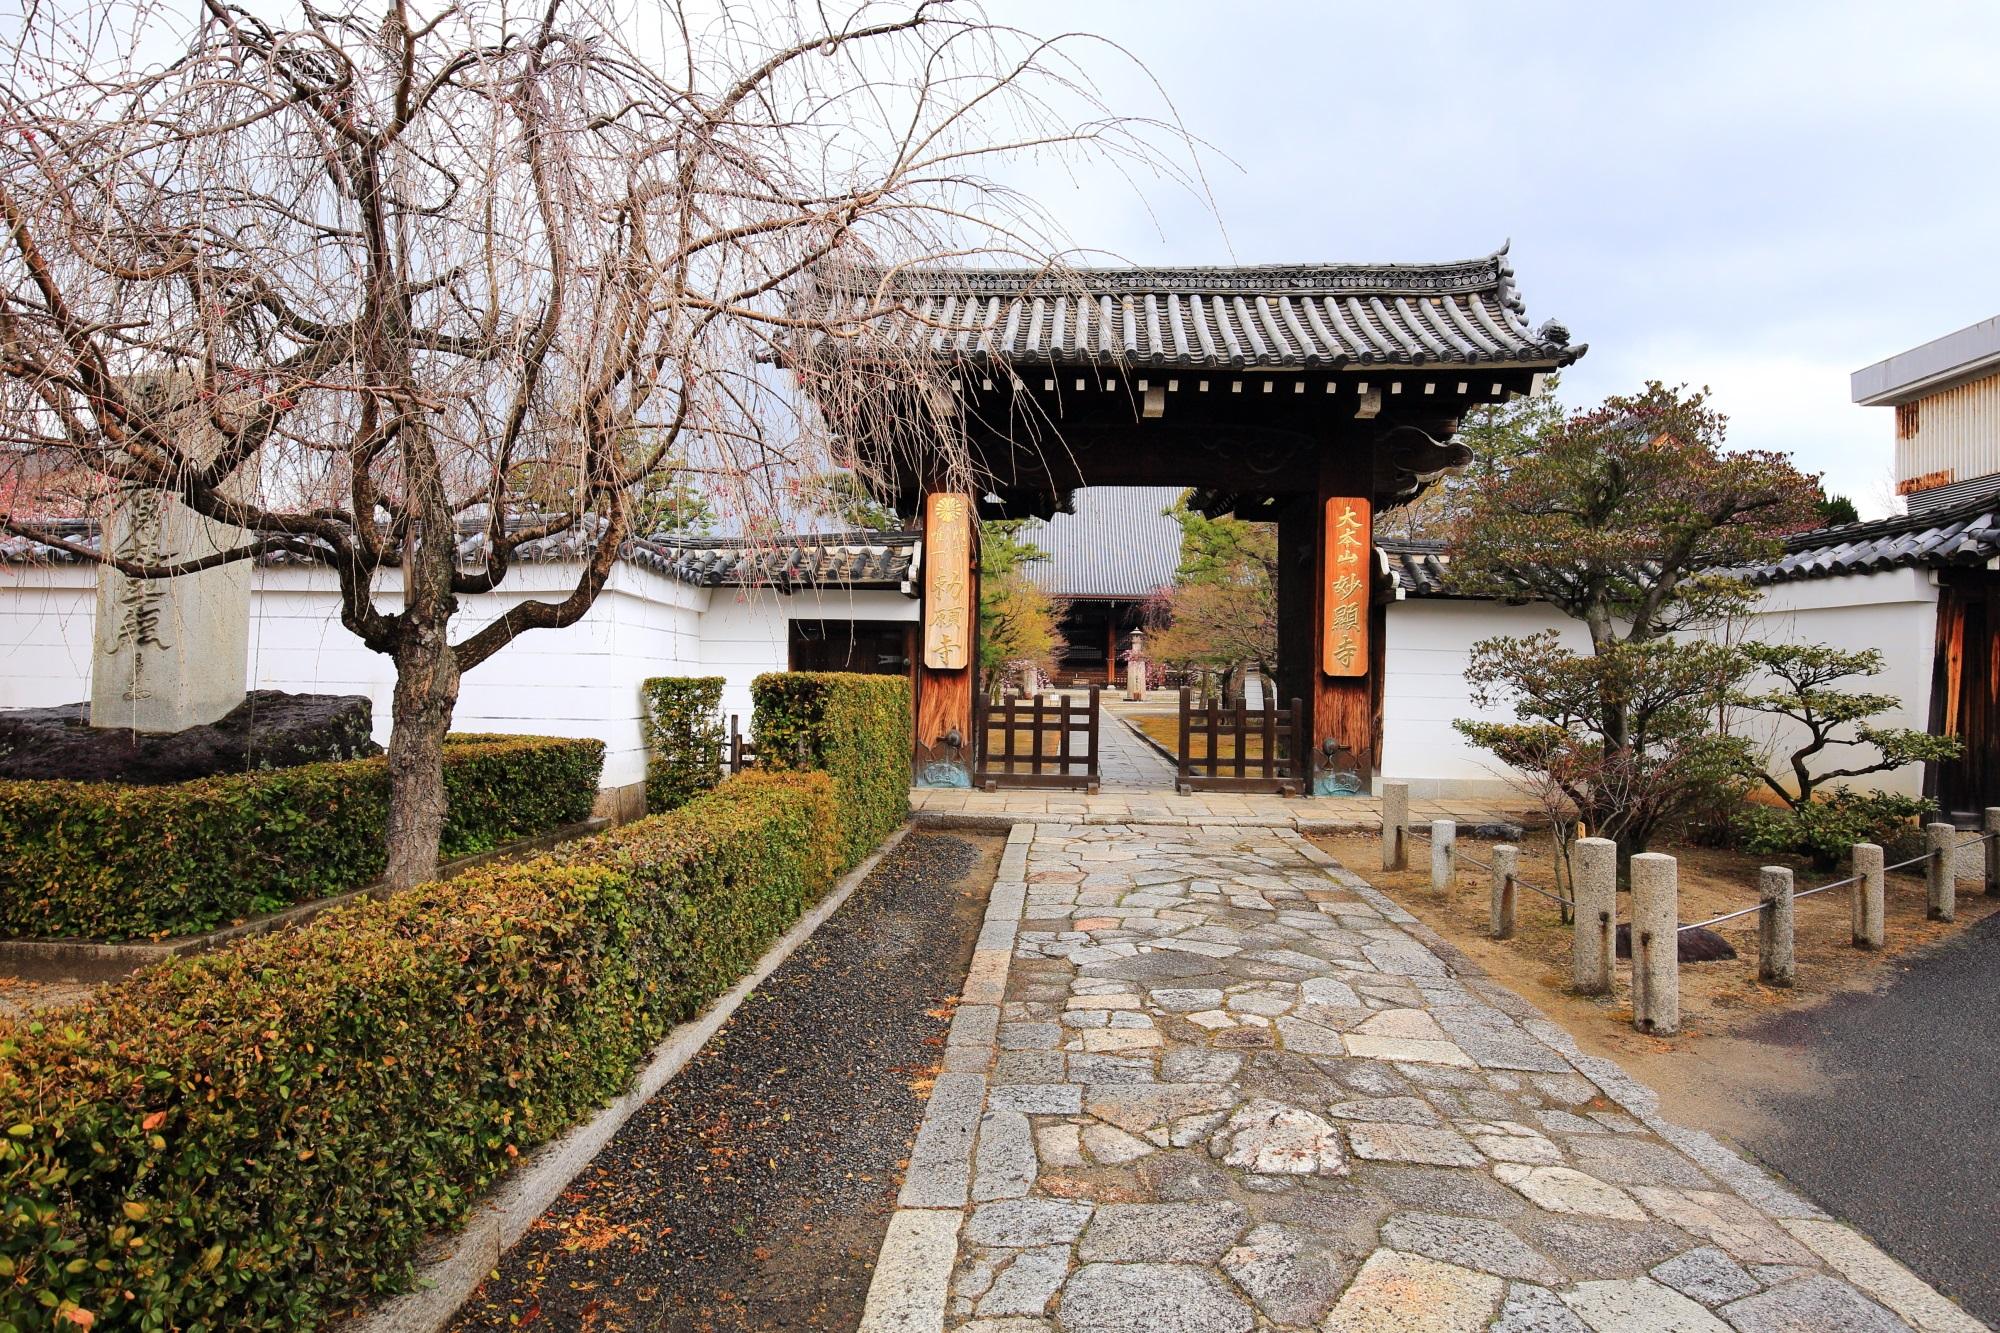 桜の穴場の妙顕寺の山門